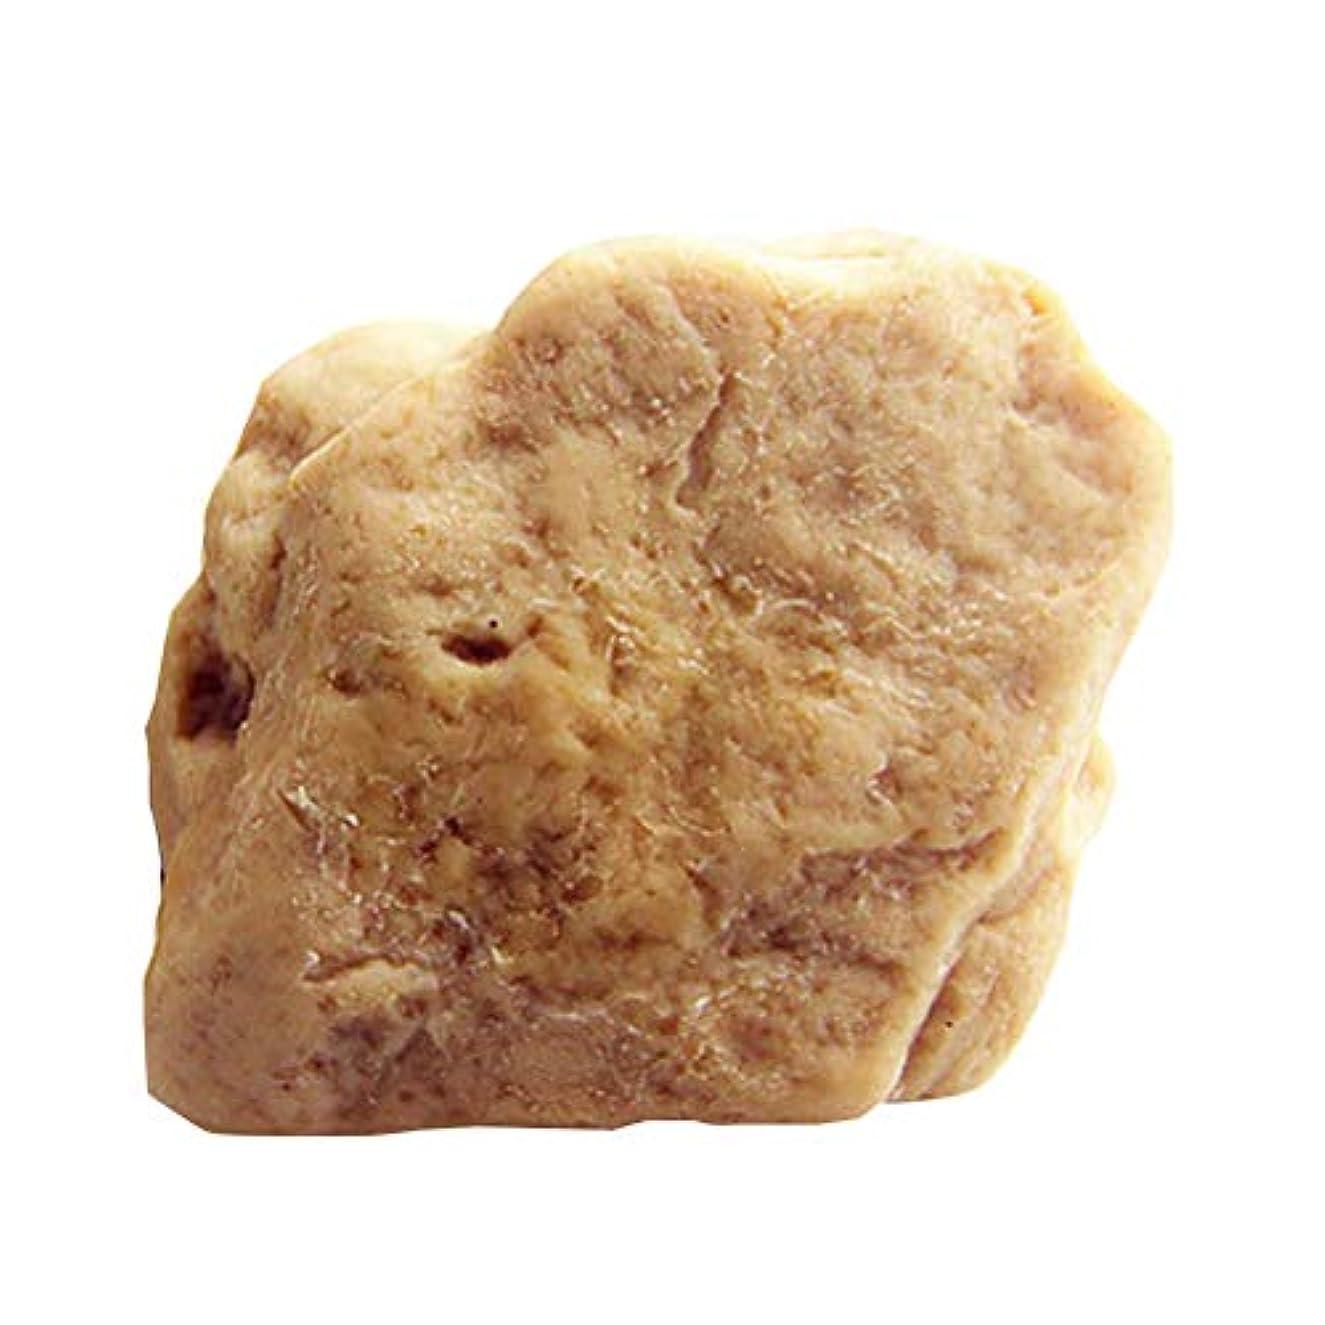 有益昇進ばかげたsupbel 洗顔石鹸 石鹸 洗顔用石鹸 保湿 洗顔 オリーブオイル入り 美白 毛穴 黒ずみ用 自然乾燥仕上げ 美肌 シャワー用